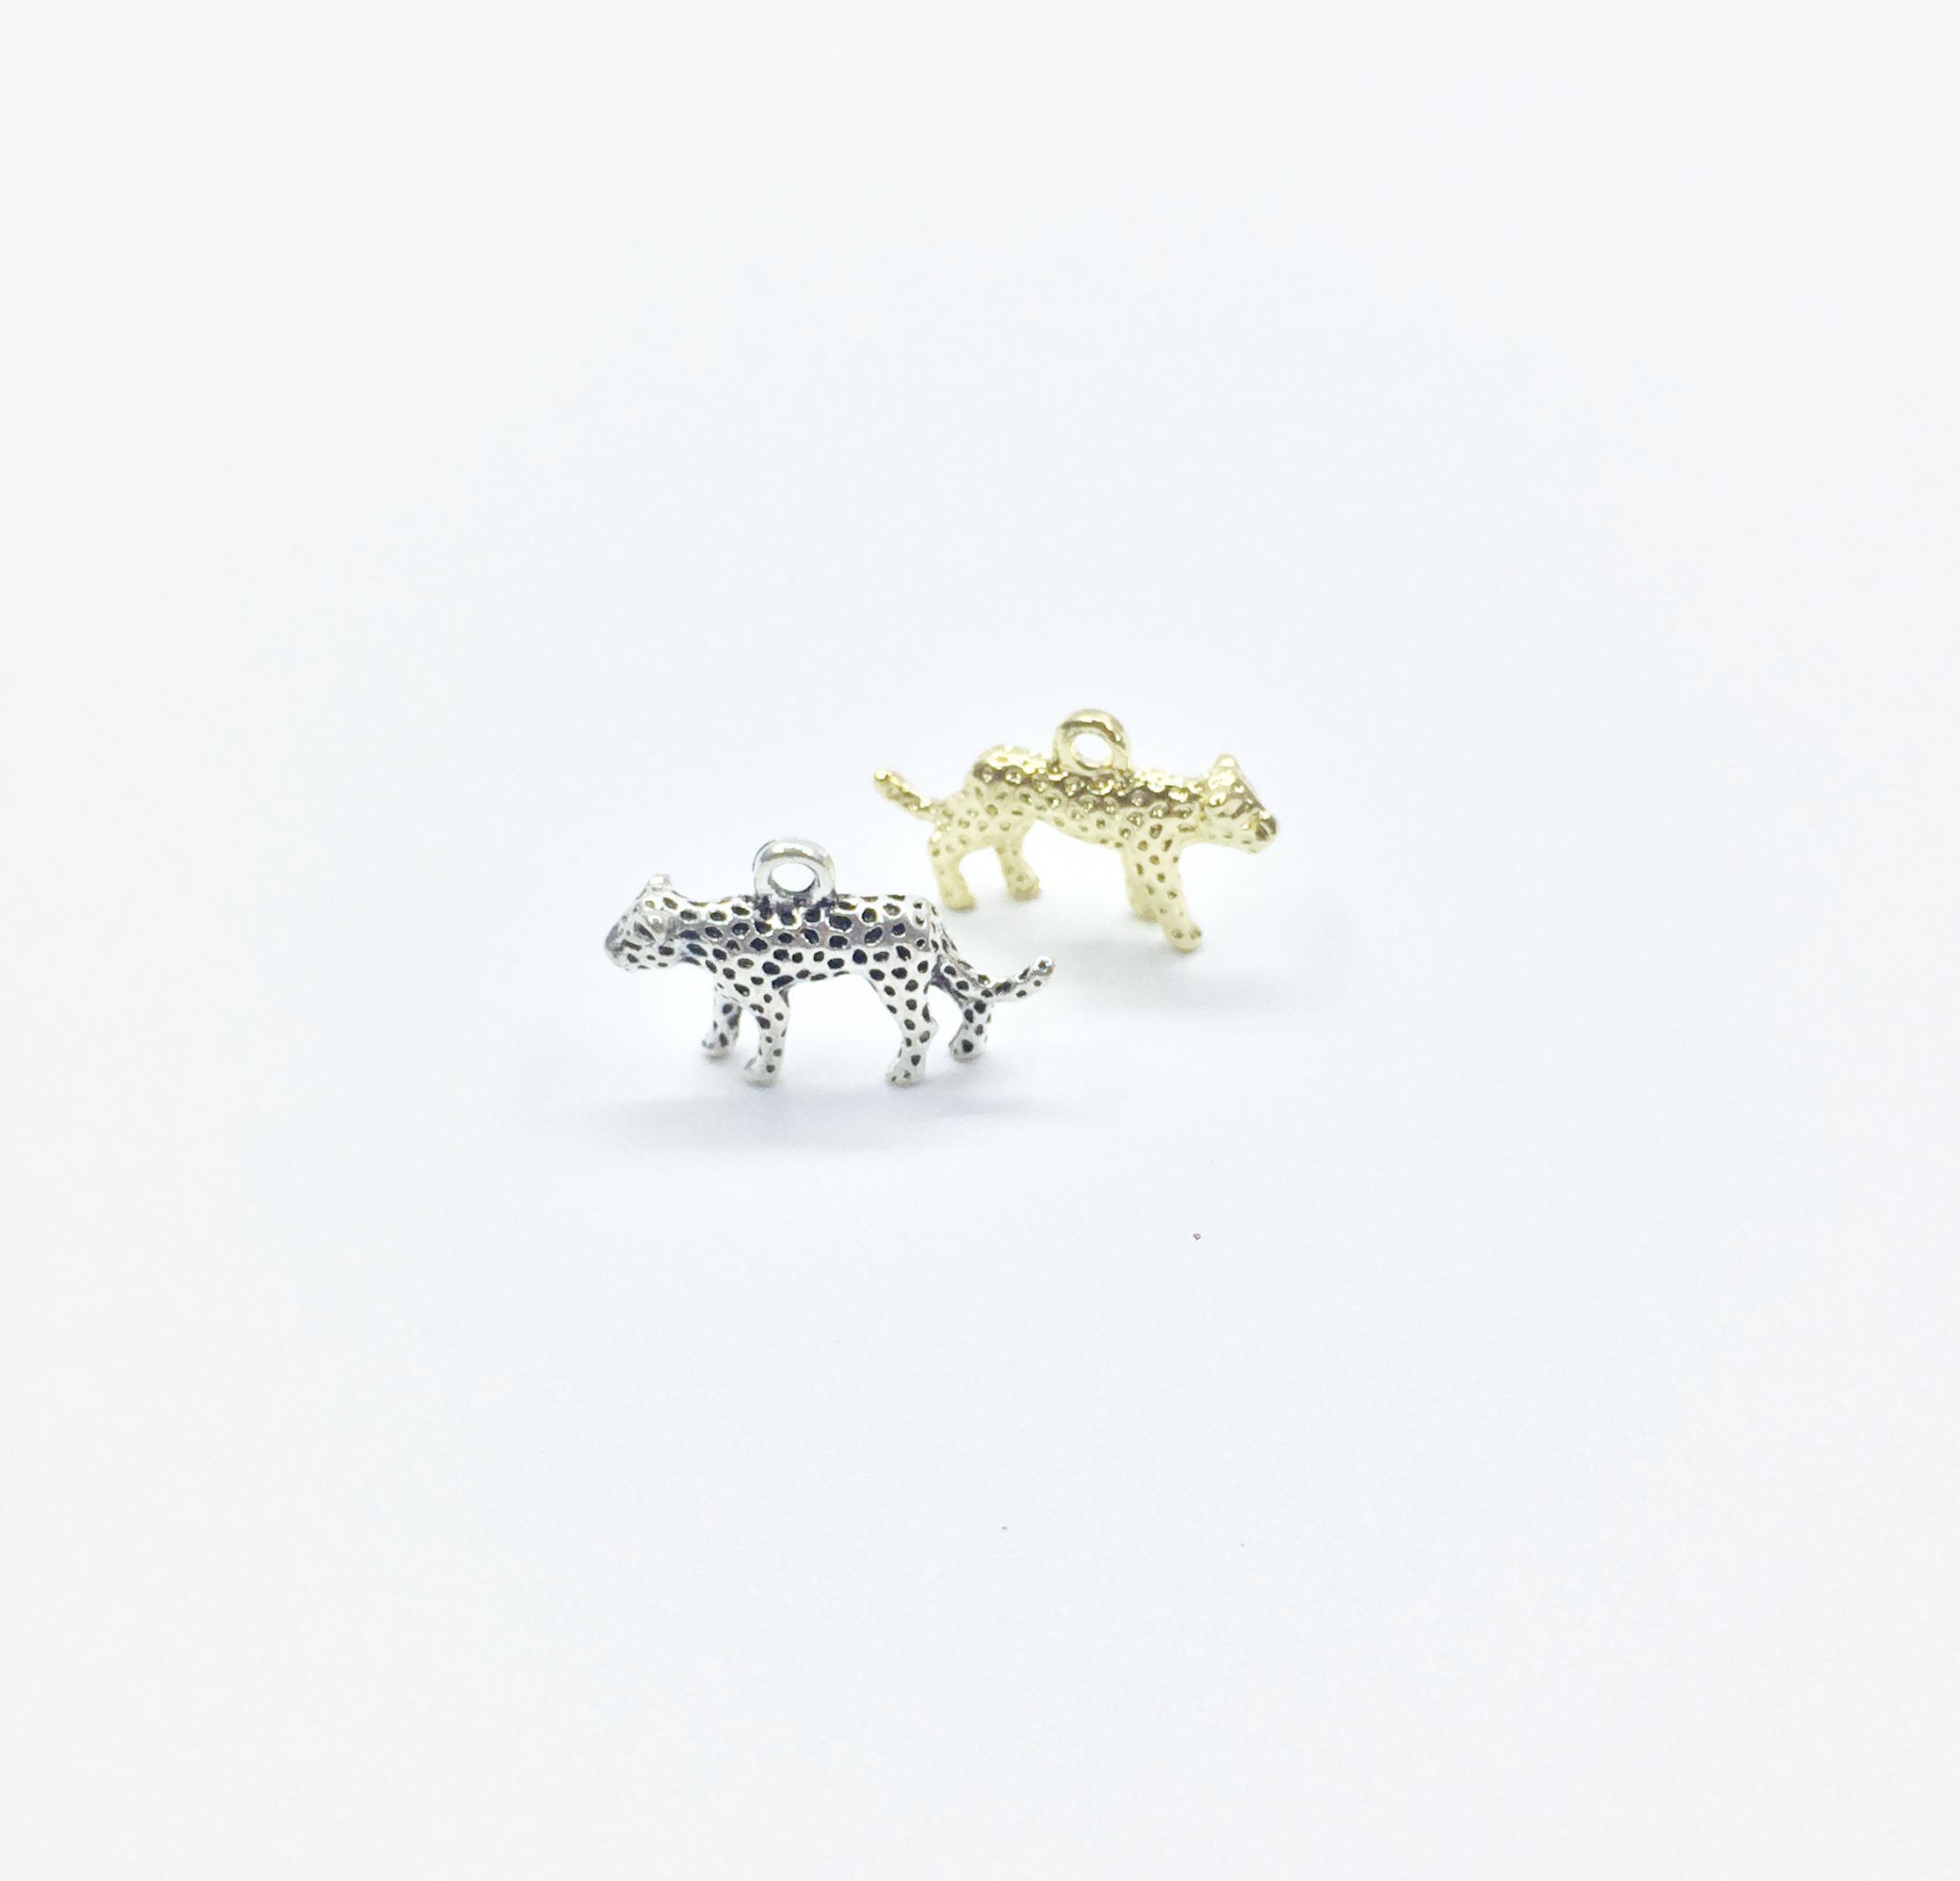 Eruifa 10pcs 15 * 25mm Abbastanza leopardo di zinco dei monili in lega di fascini di DIY Collana, Eearrings 2 colori